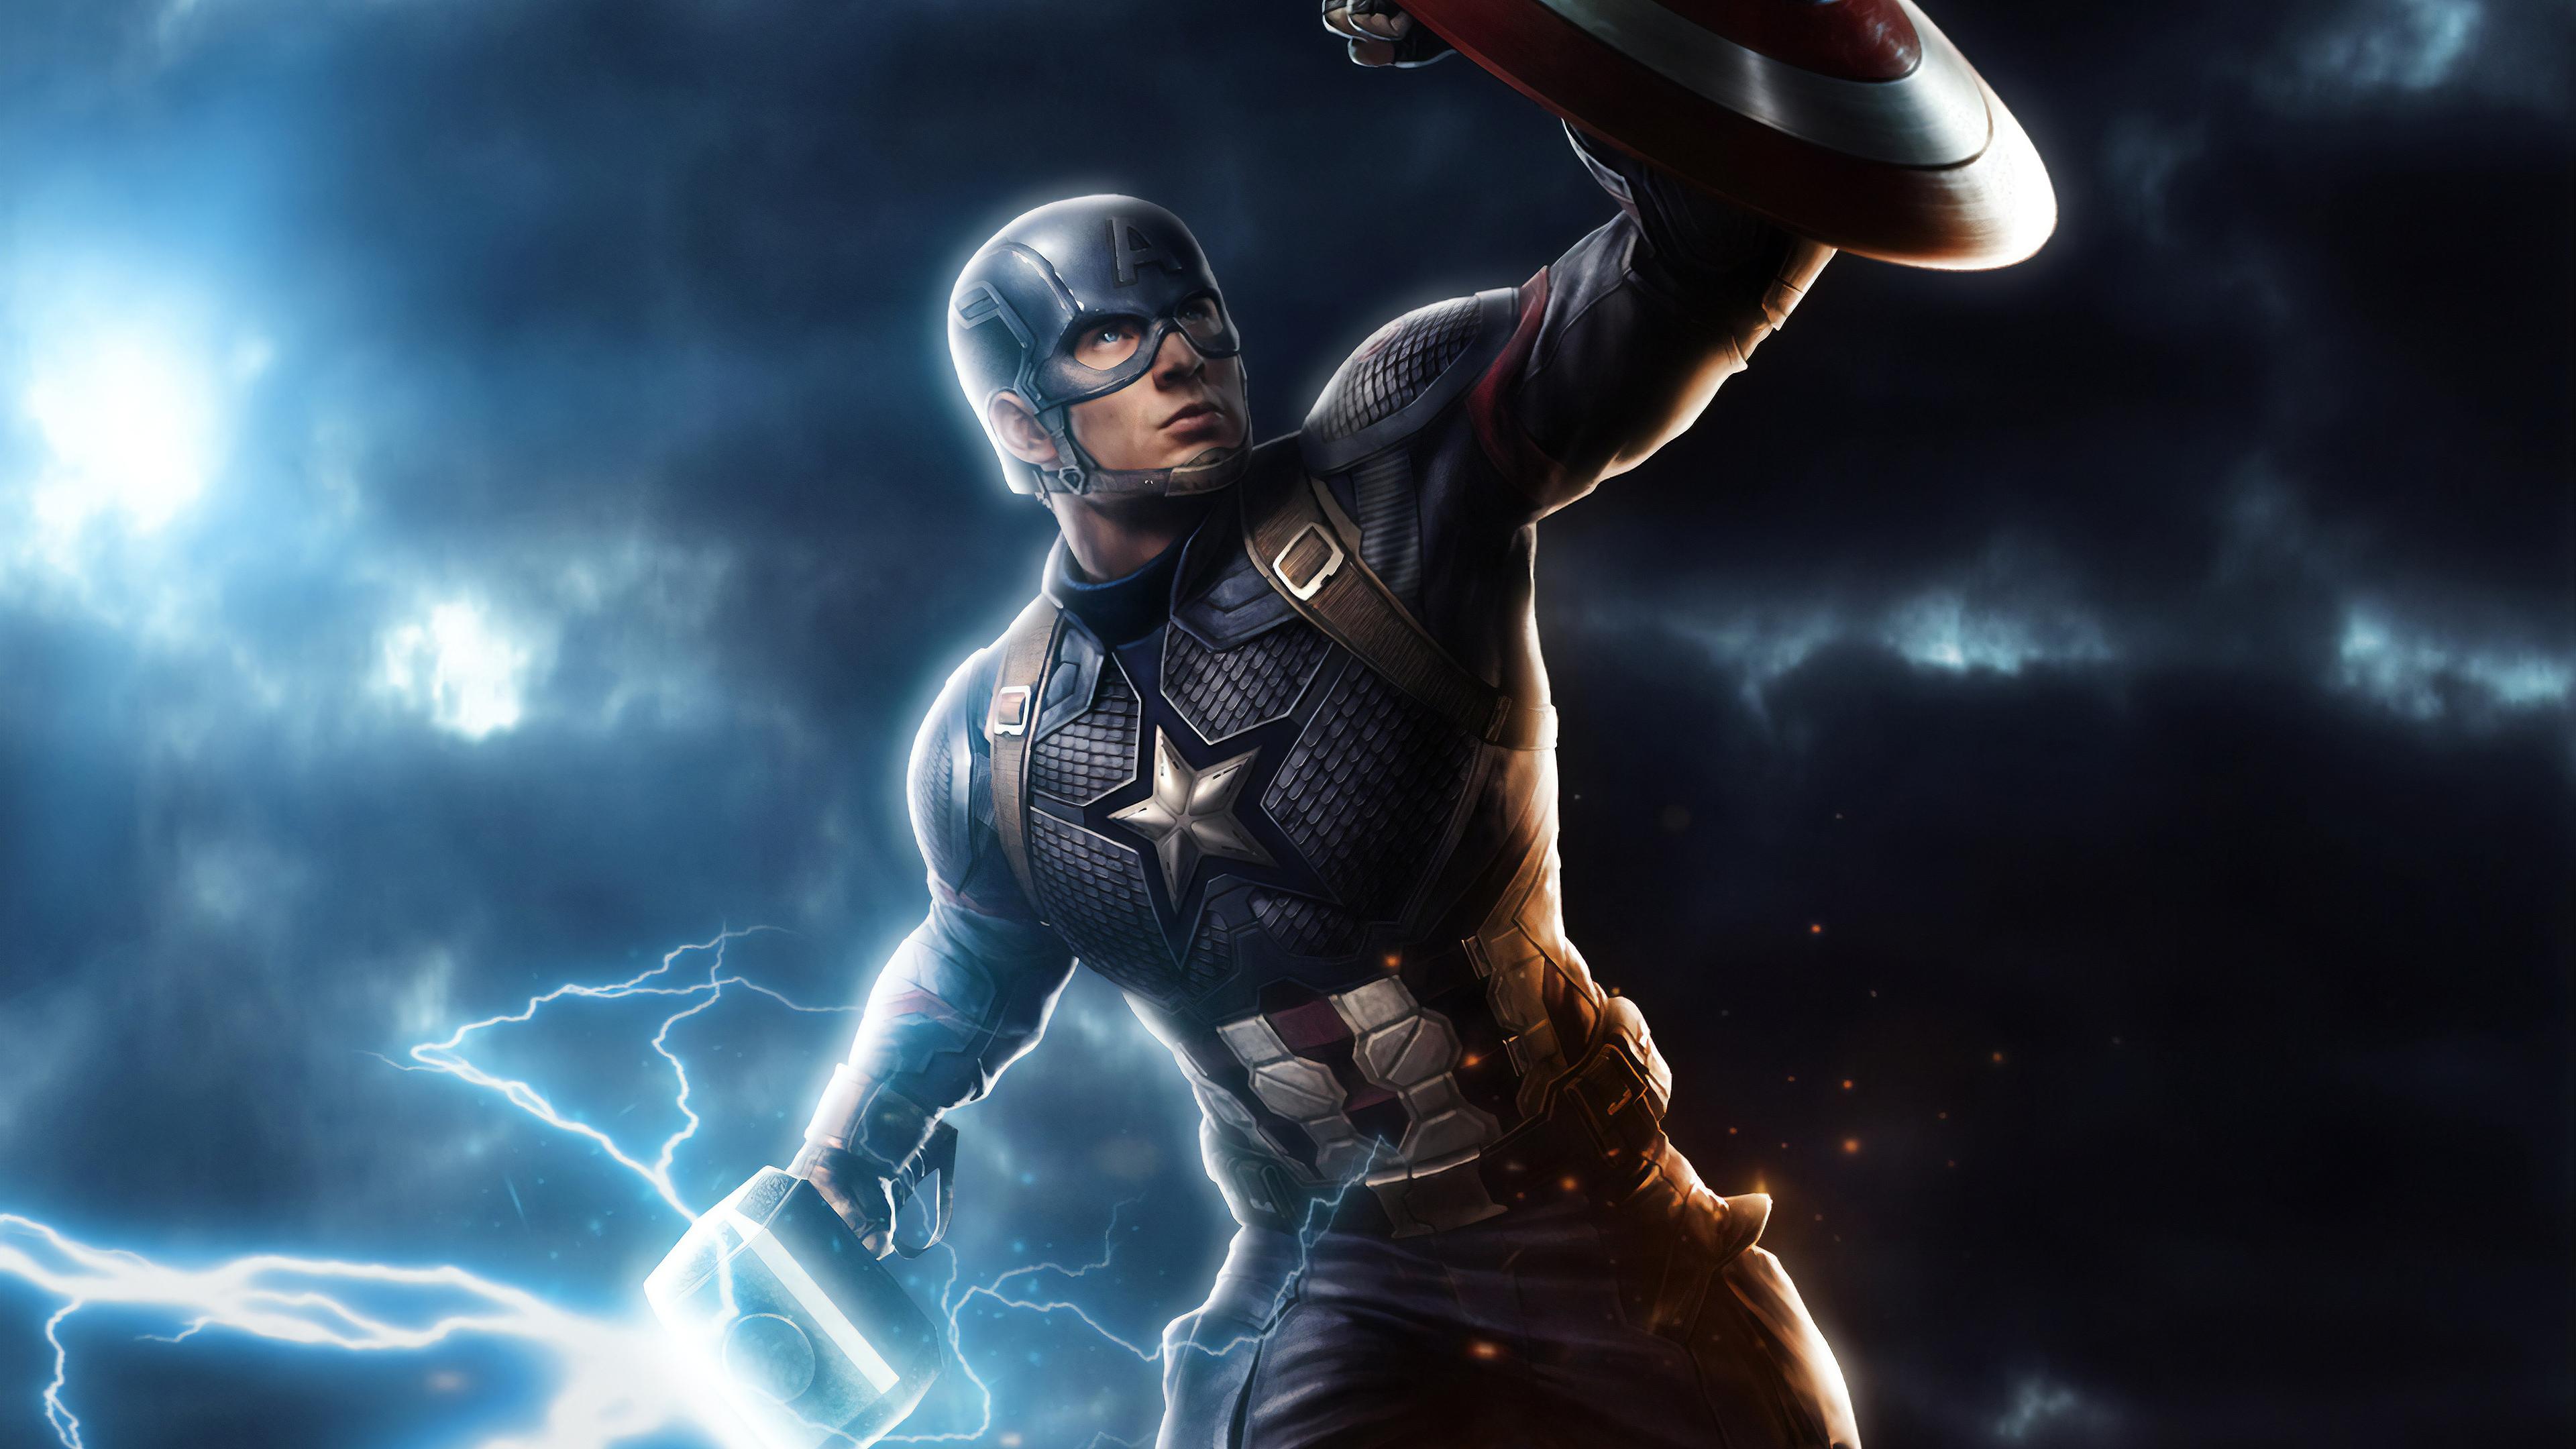 Captain America Mjolnir Avengers Endgame 4k Art Hd Superheroes